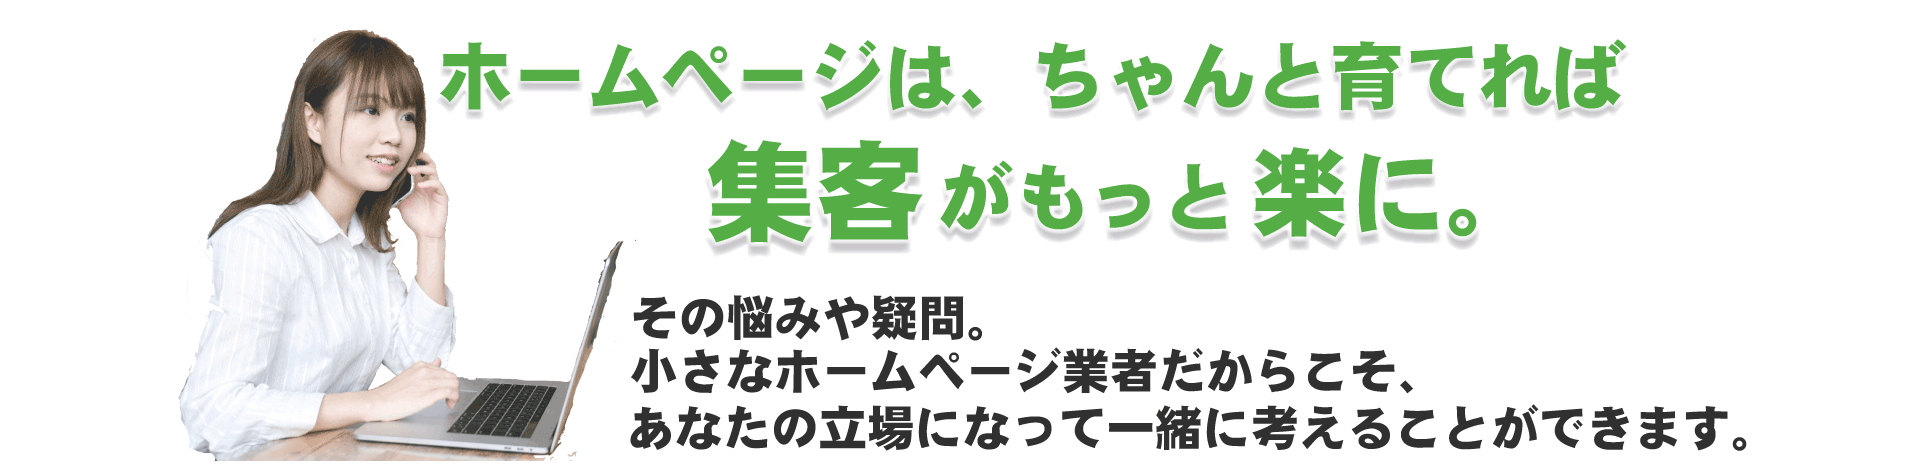 パソコン修理 京都市 のエヌシーオー パソコン故障やトラブルはご相談ください。